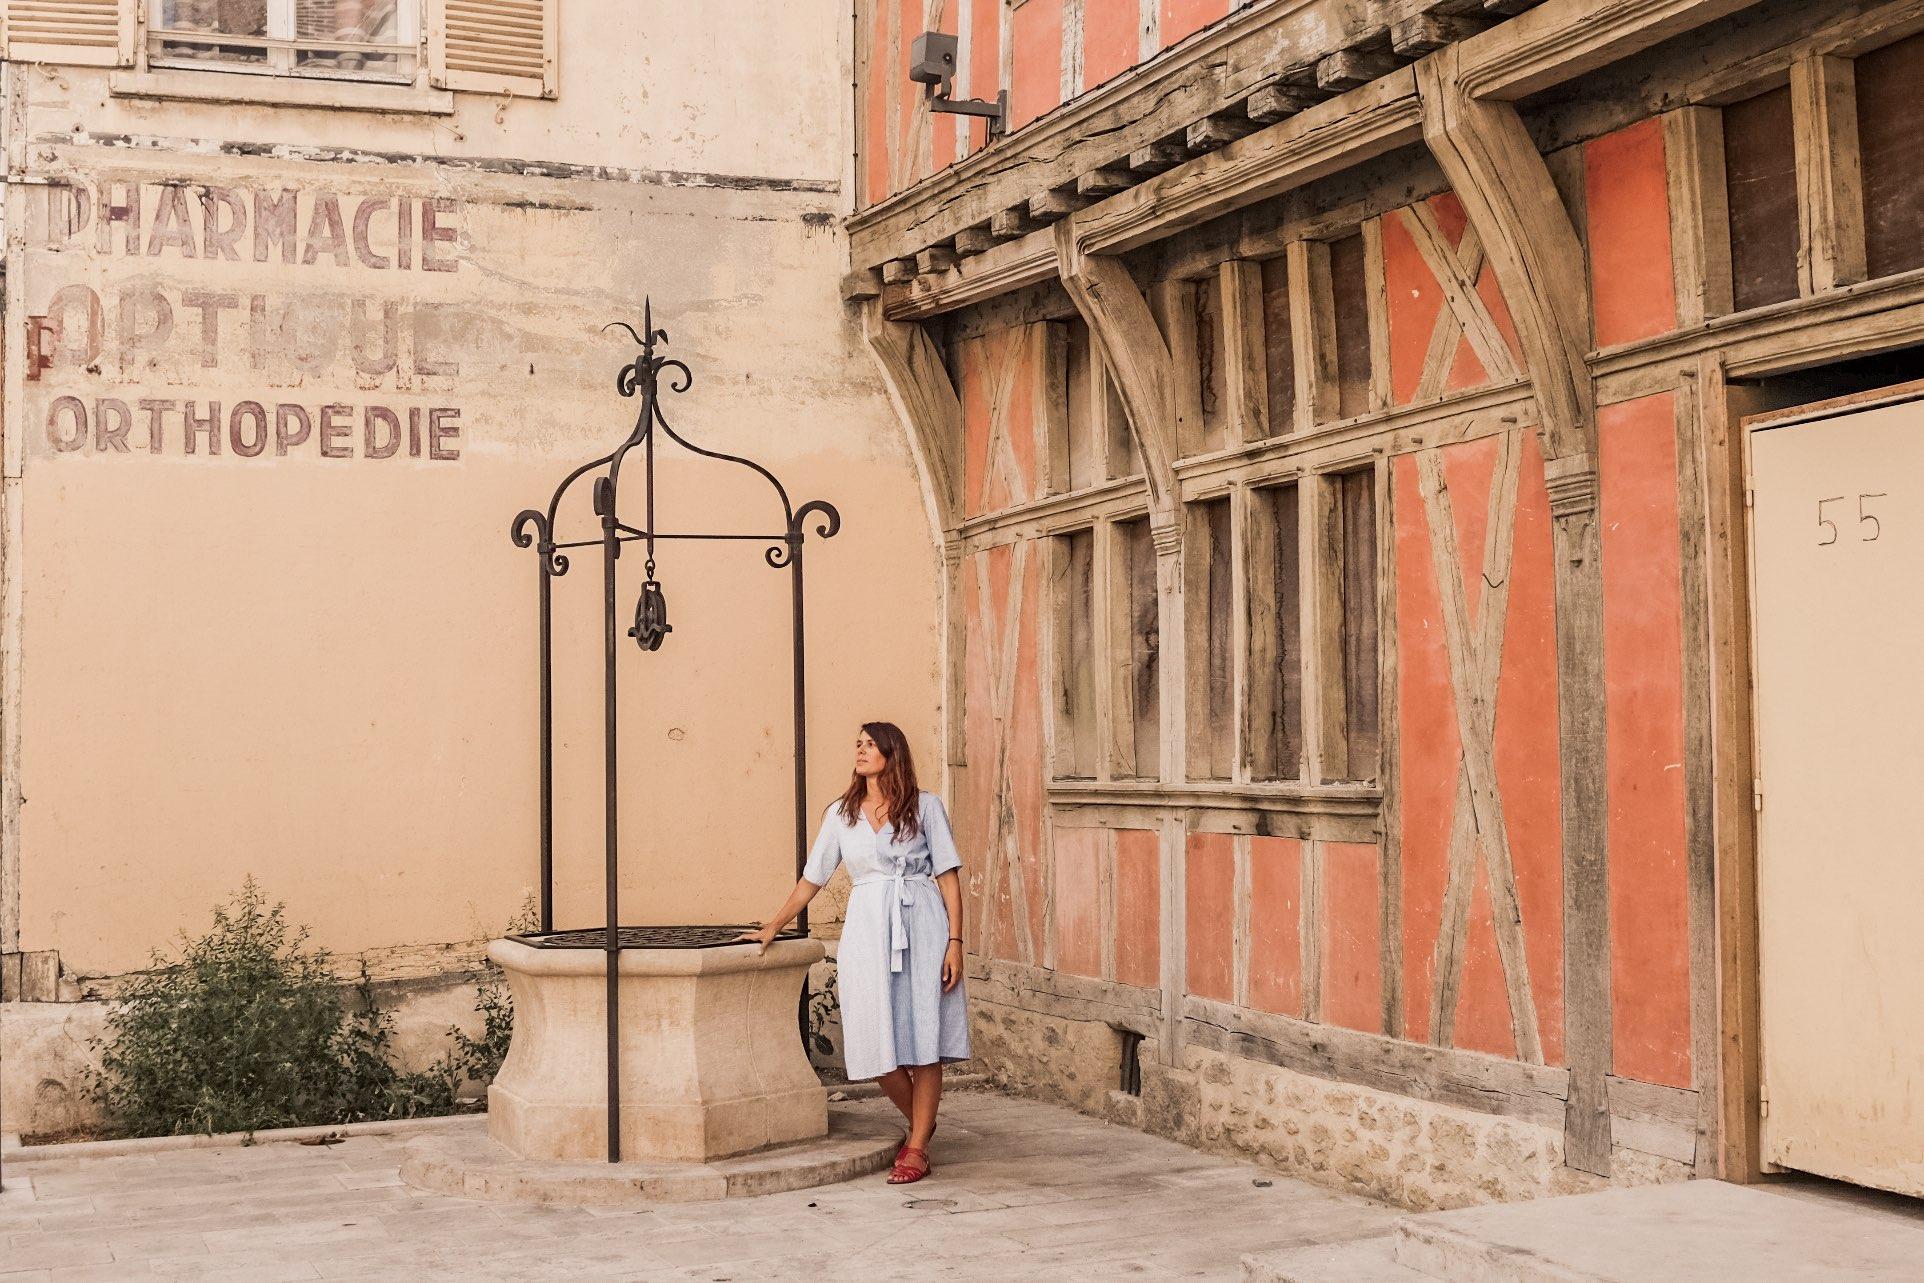 Visita a Troyes: antico pozzo e casa a graticcio